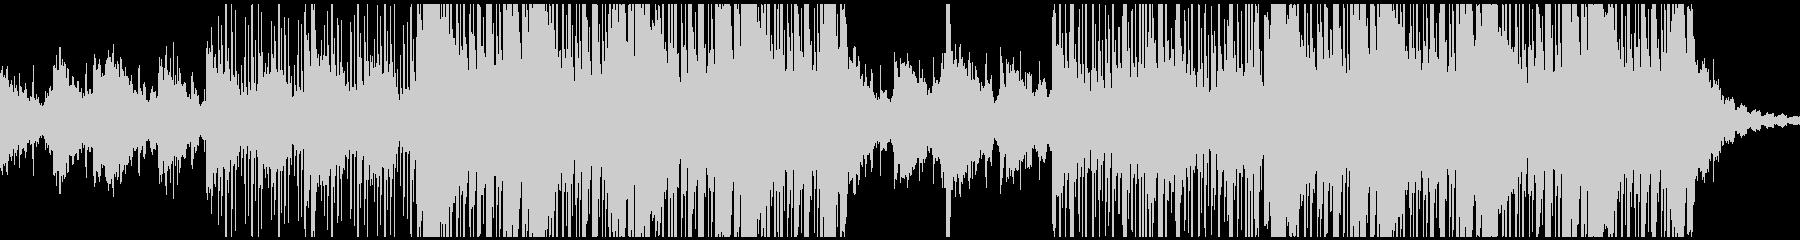 レトロ ドラマチック ピアノ シン...の未再生の波形